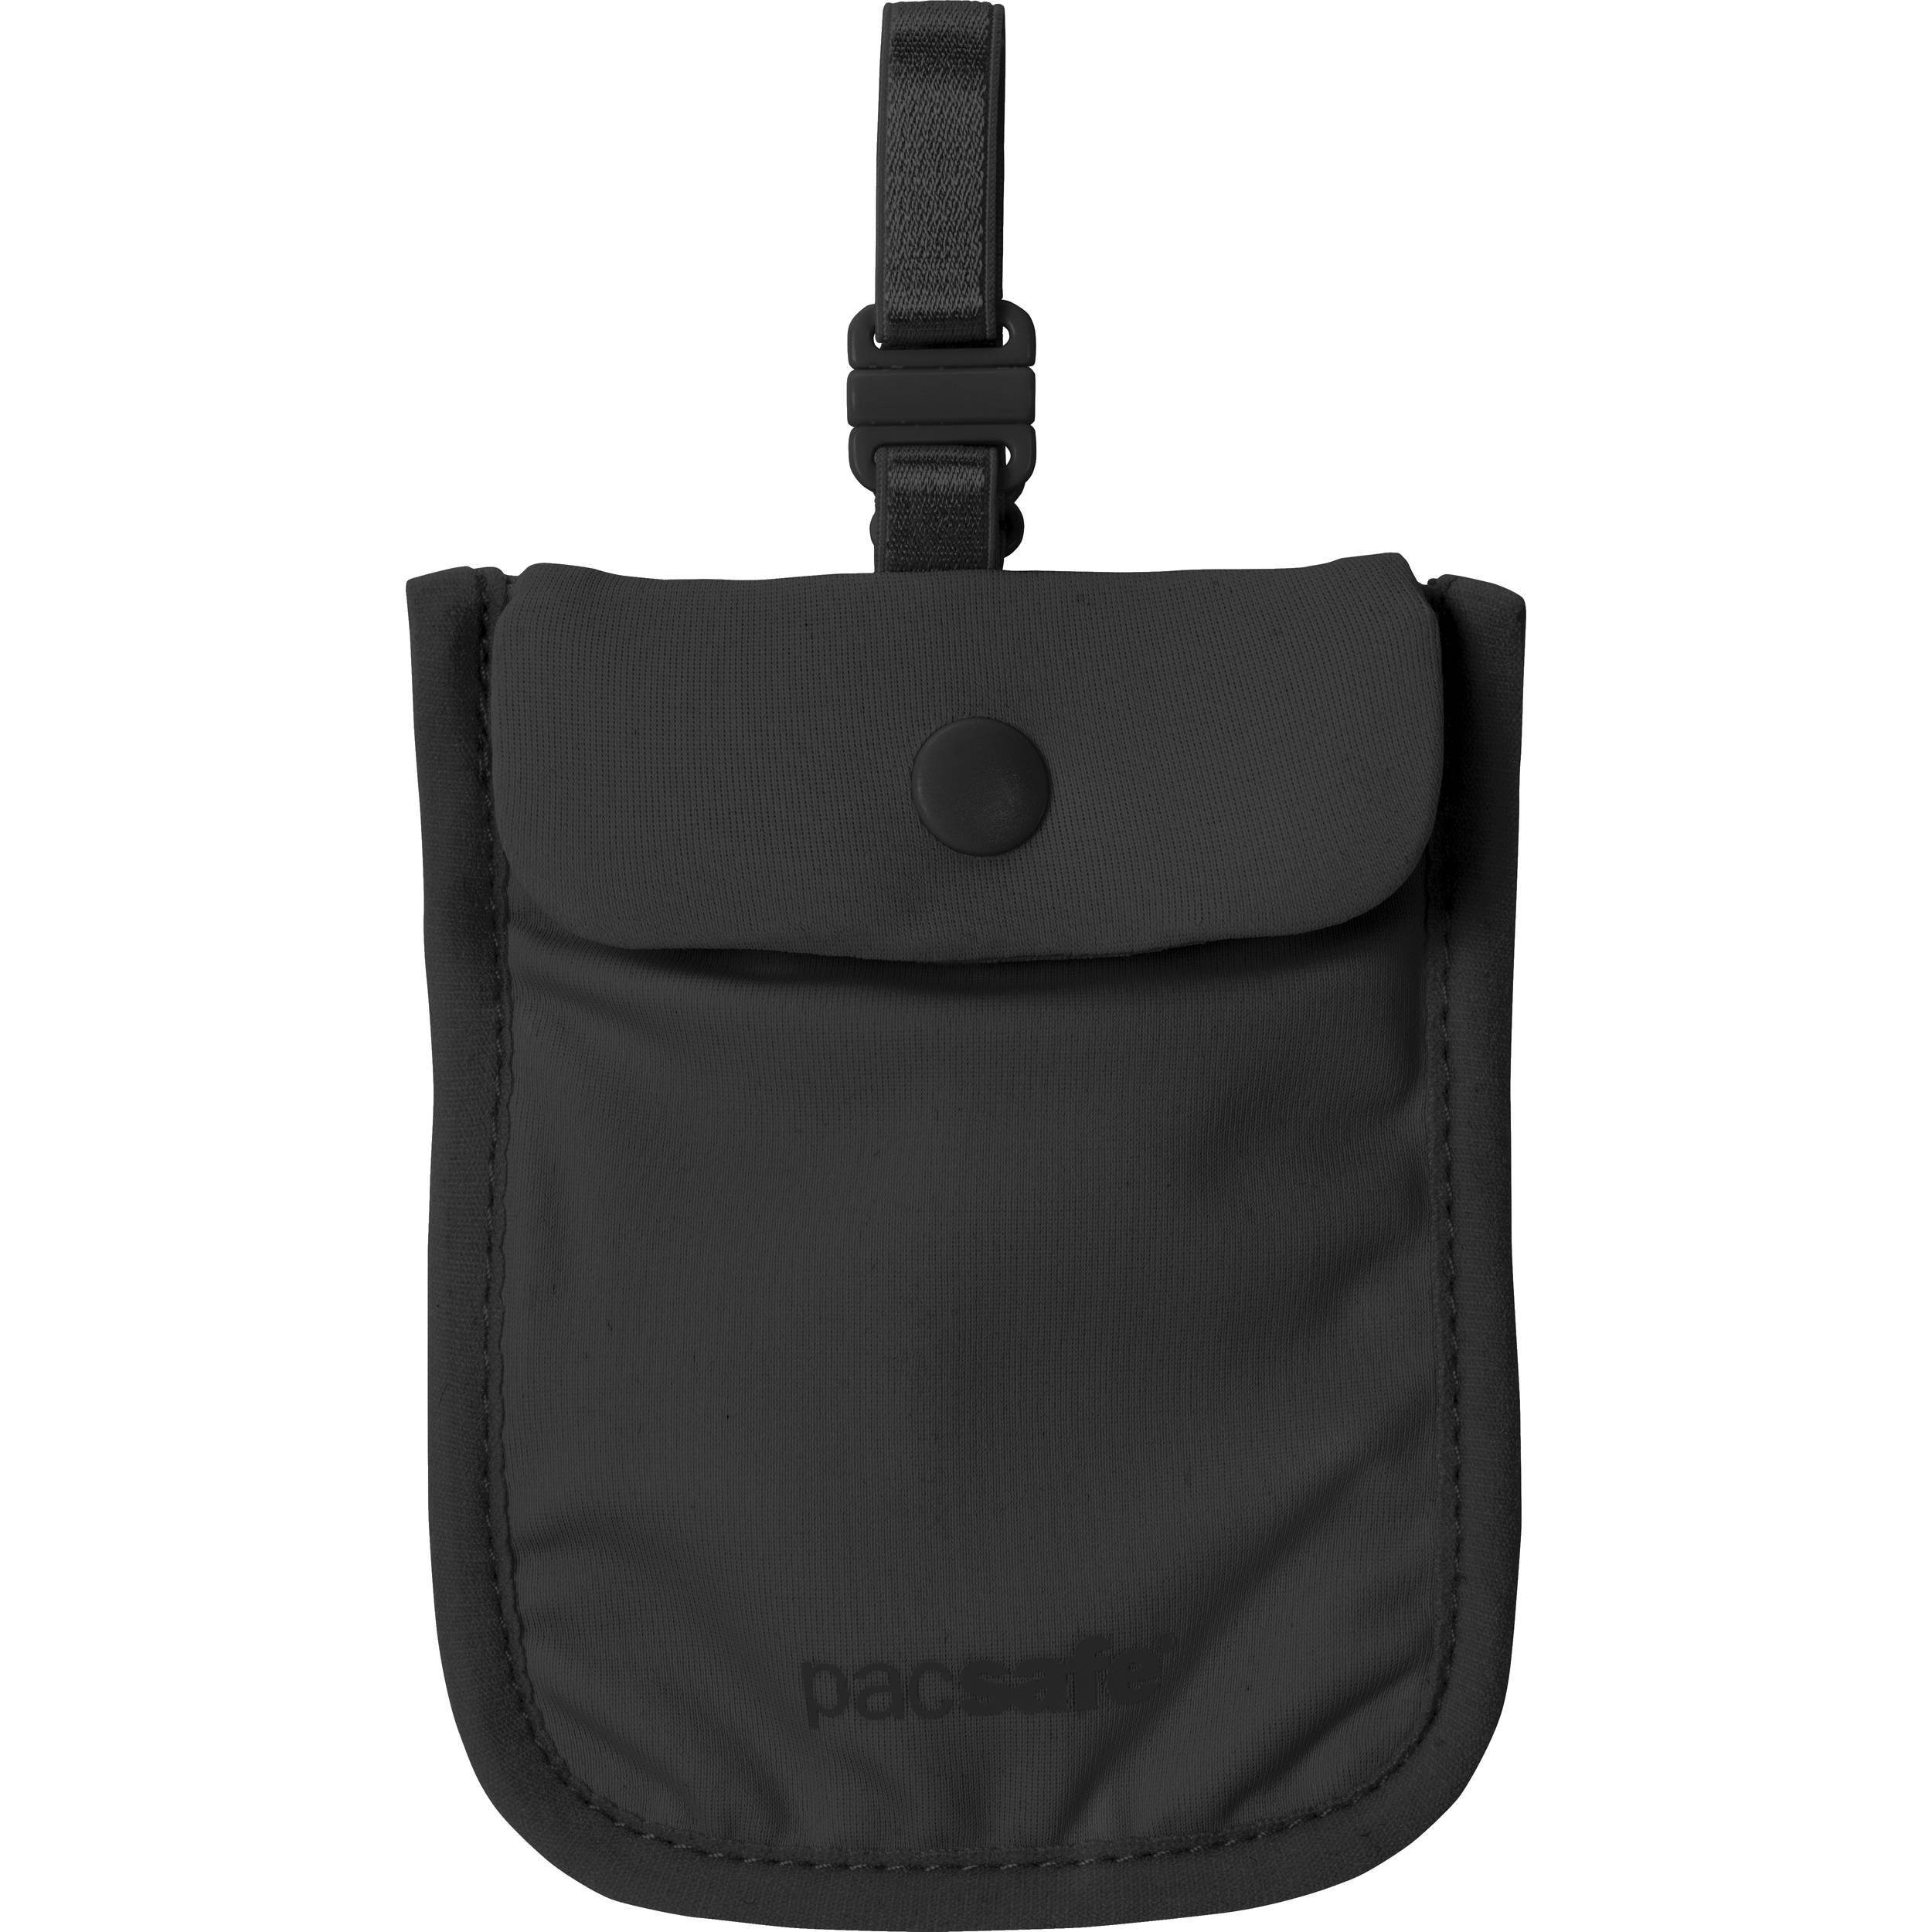 649e2d03bc8 Pacsafe Coversafe S25 Secret Bra Pouch (Black) 10121100 B H